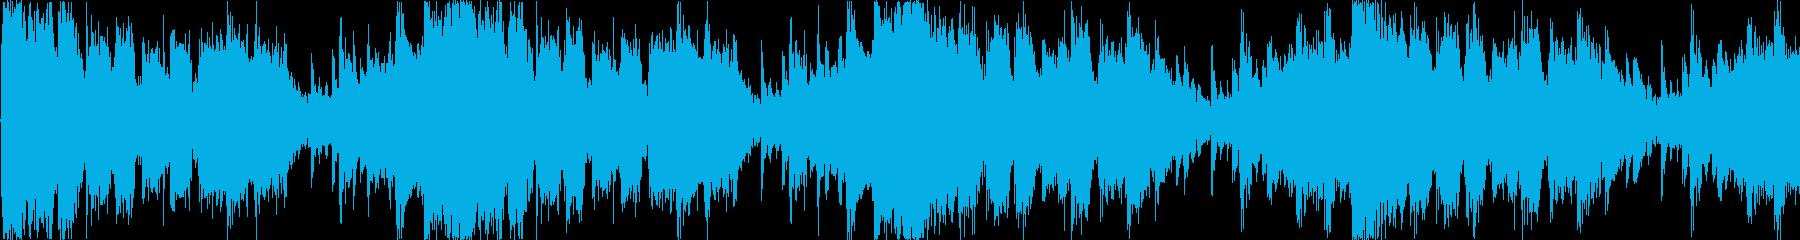 メニュー画面等のイメージ ループ曲の再生済みの波形